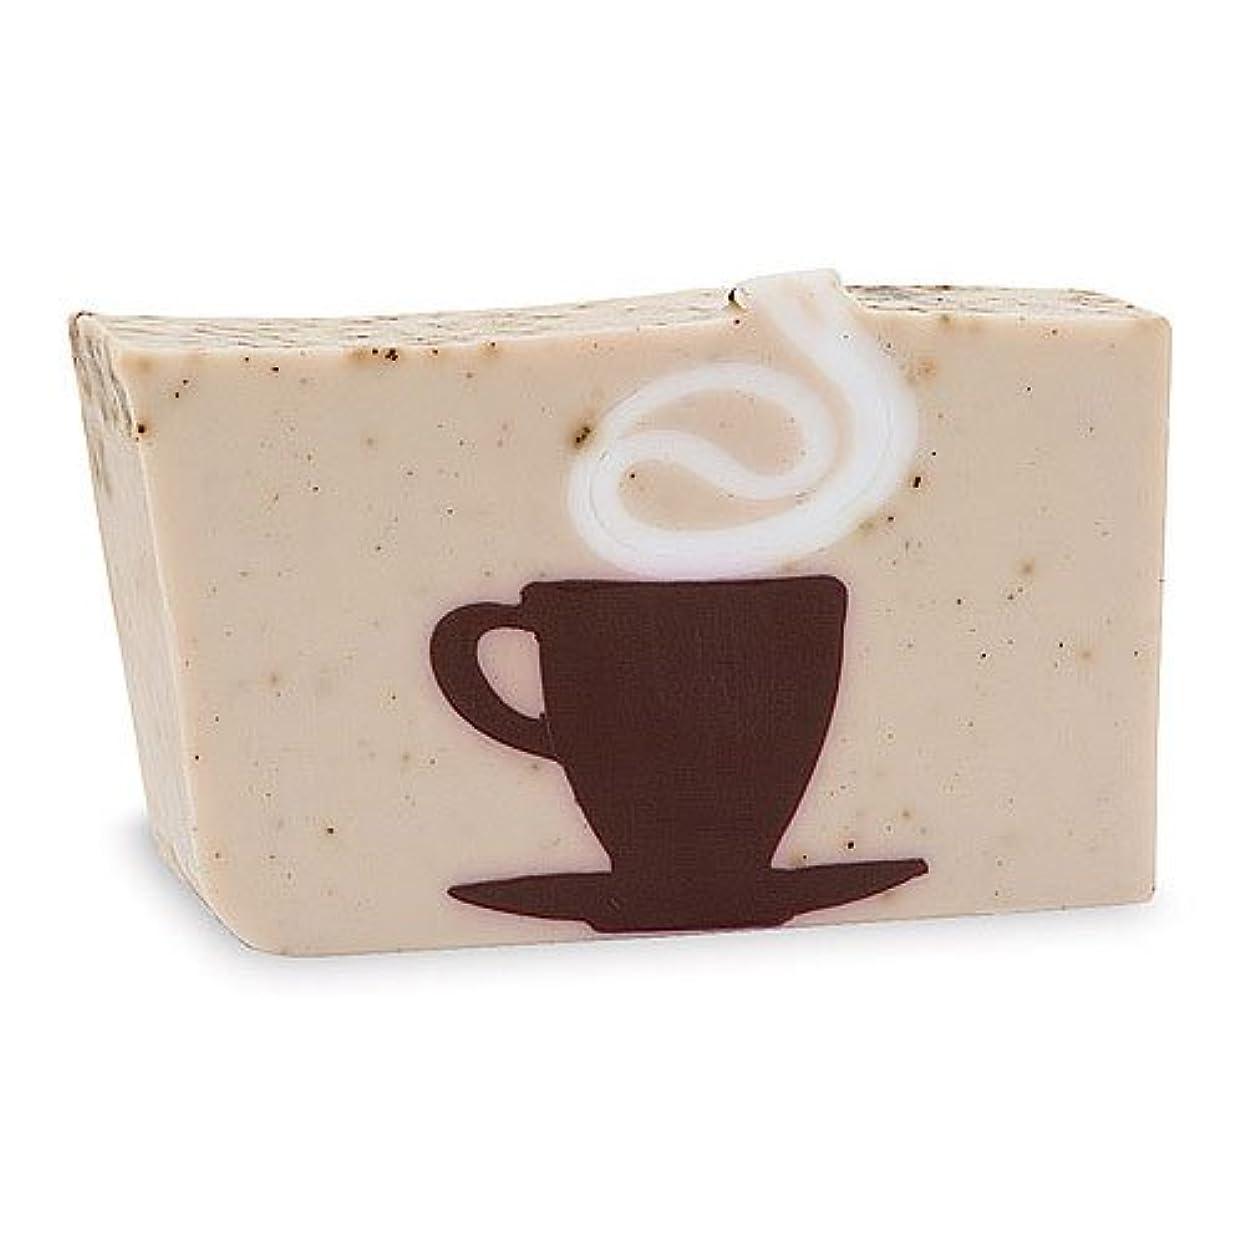 パリティ最小化する給料プライモールエレメンツ アロマティック ソープ カフェオレ 180g 植物性 ナチュラル 石鹸 無添加